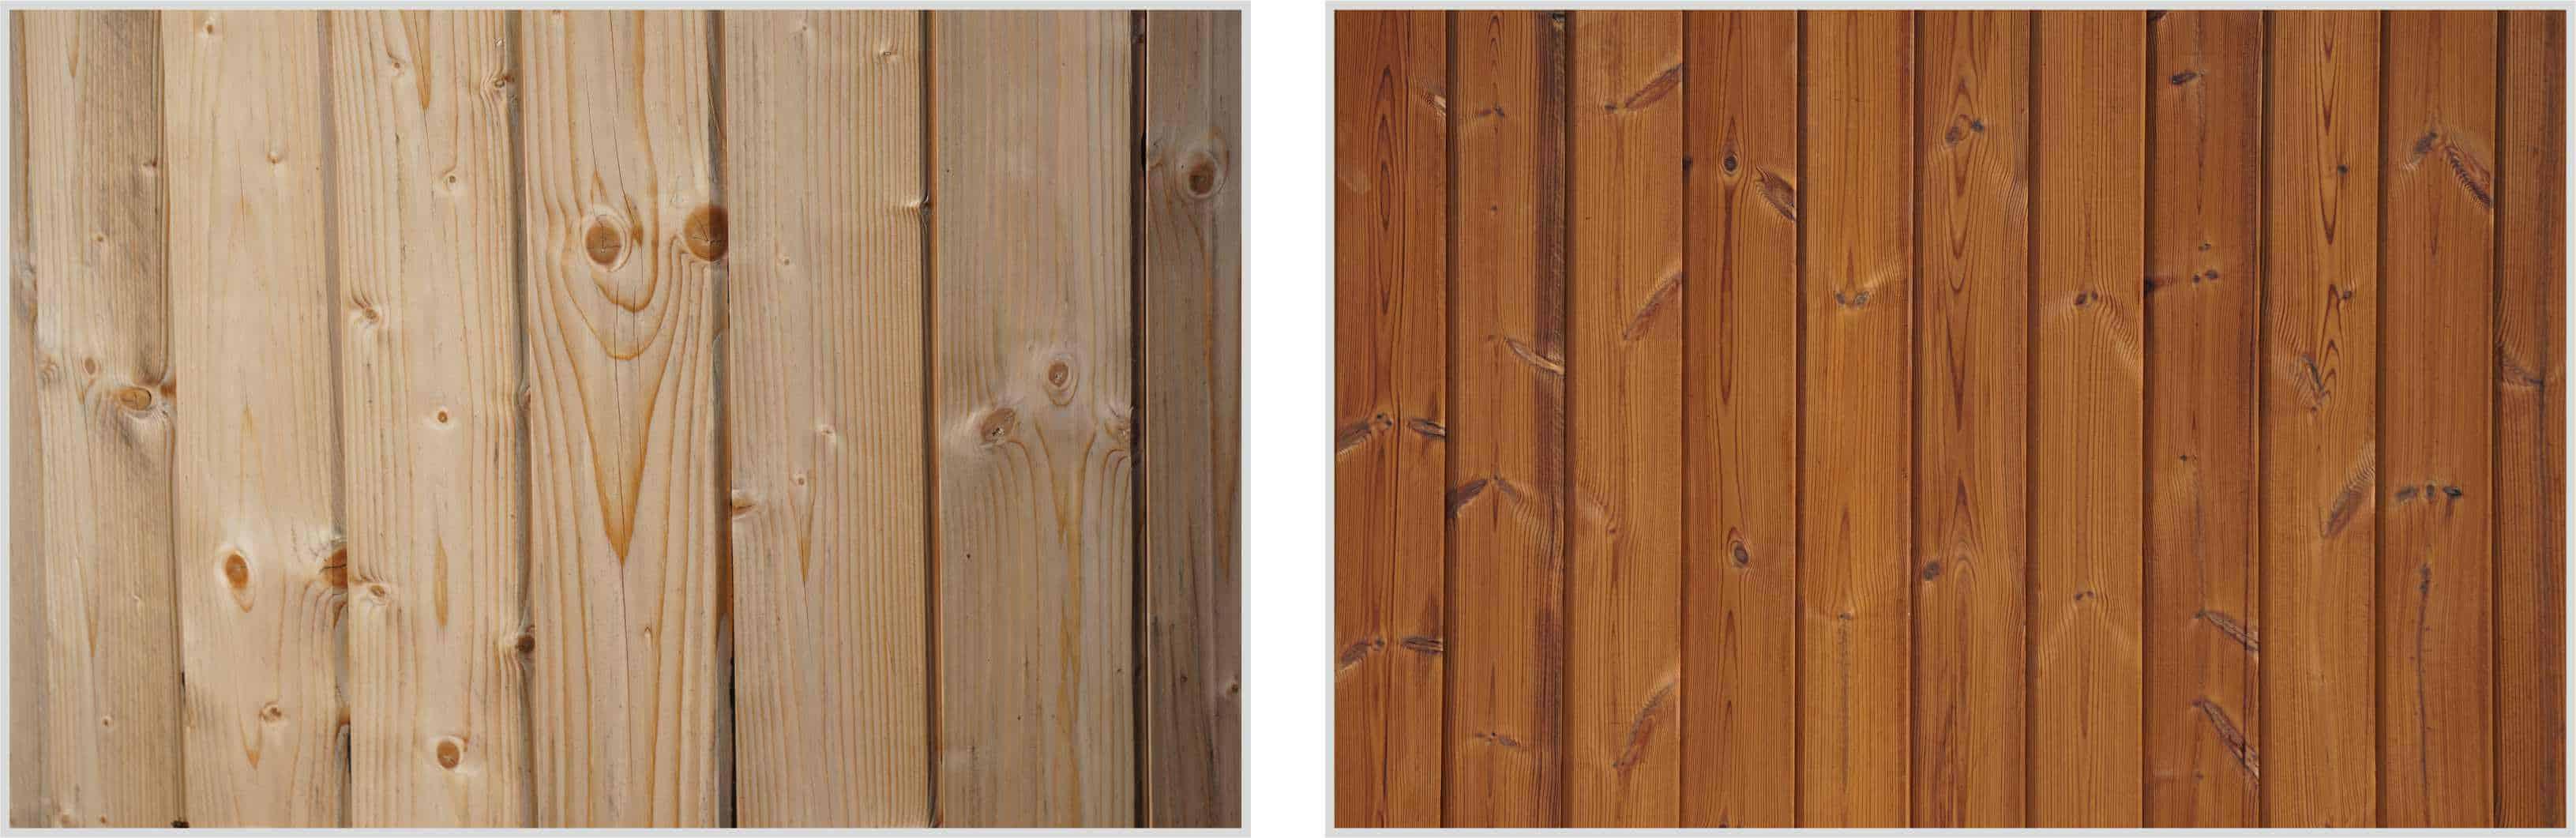 Porównanie drewna naturalnego i ThermoWood